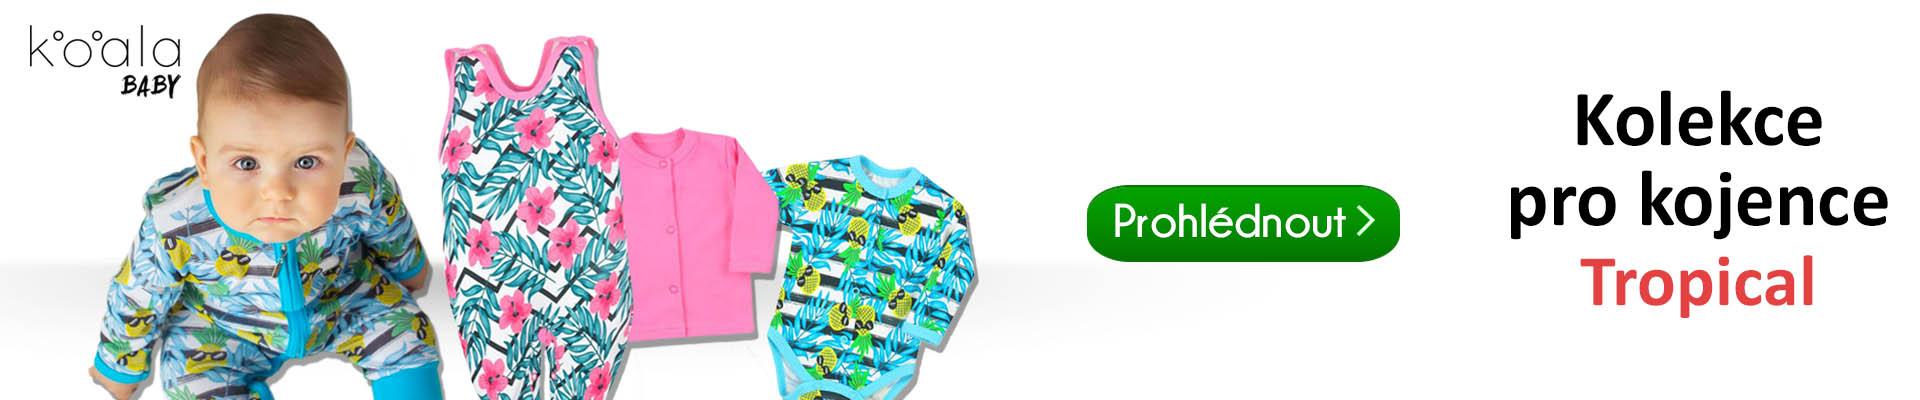 0c7e85ed649 Módní kolekce kojeneckého oblečení Tropical od značky Koala pro naše  nejmenší s hravým a veselým motivem. Rodiči je toto oblečení velmi oblíbené  pro svůj ...